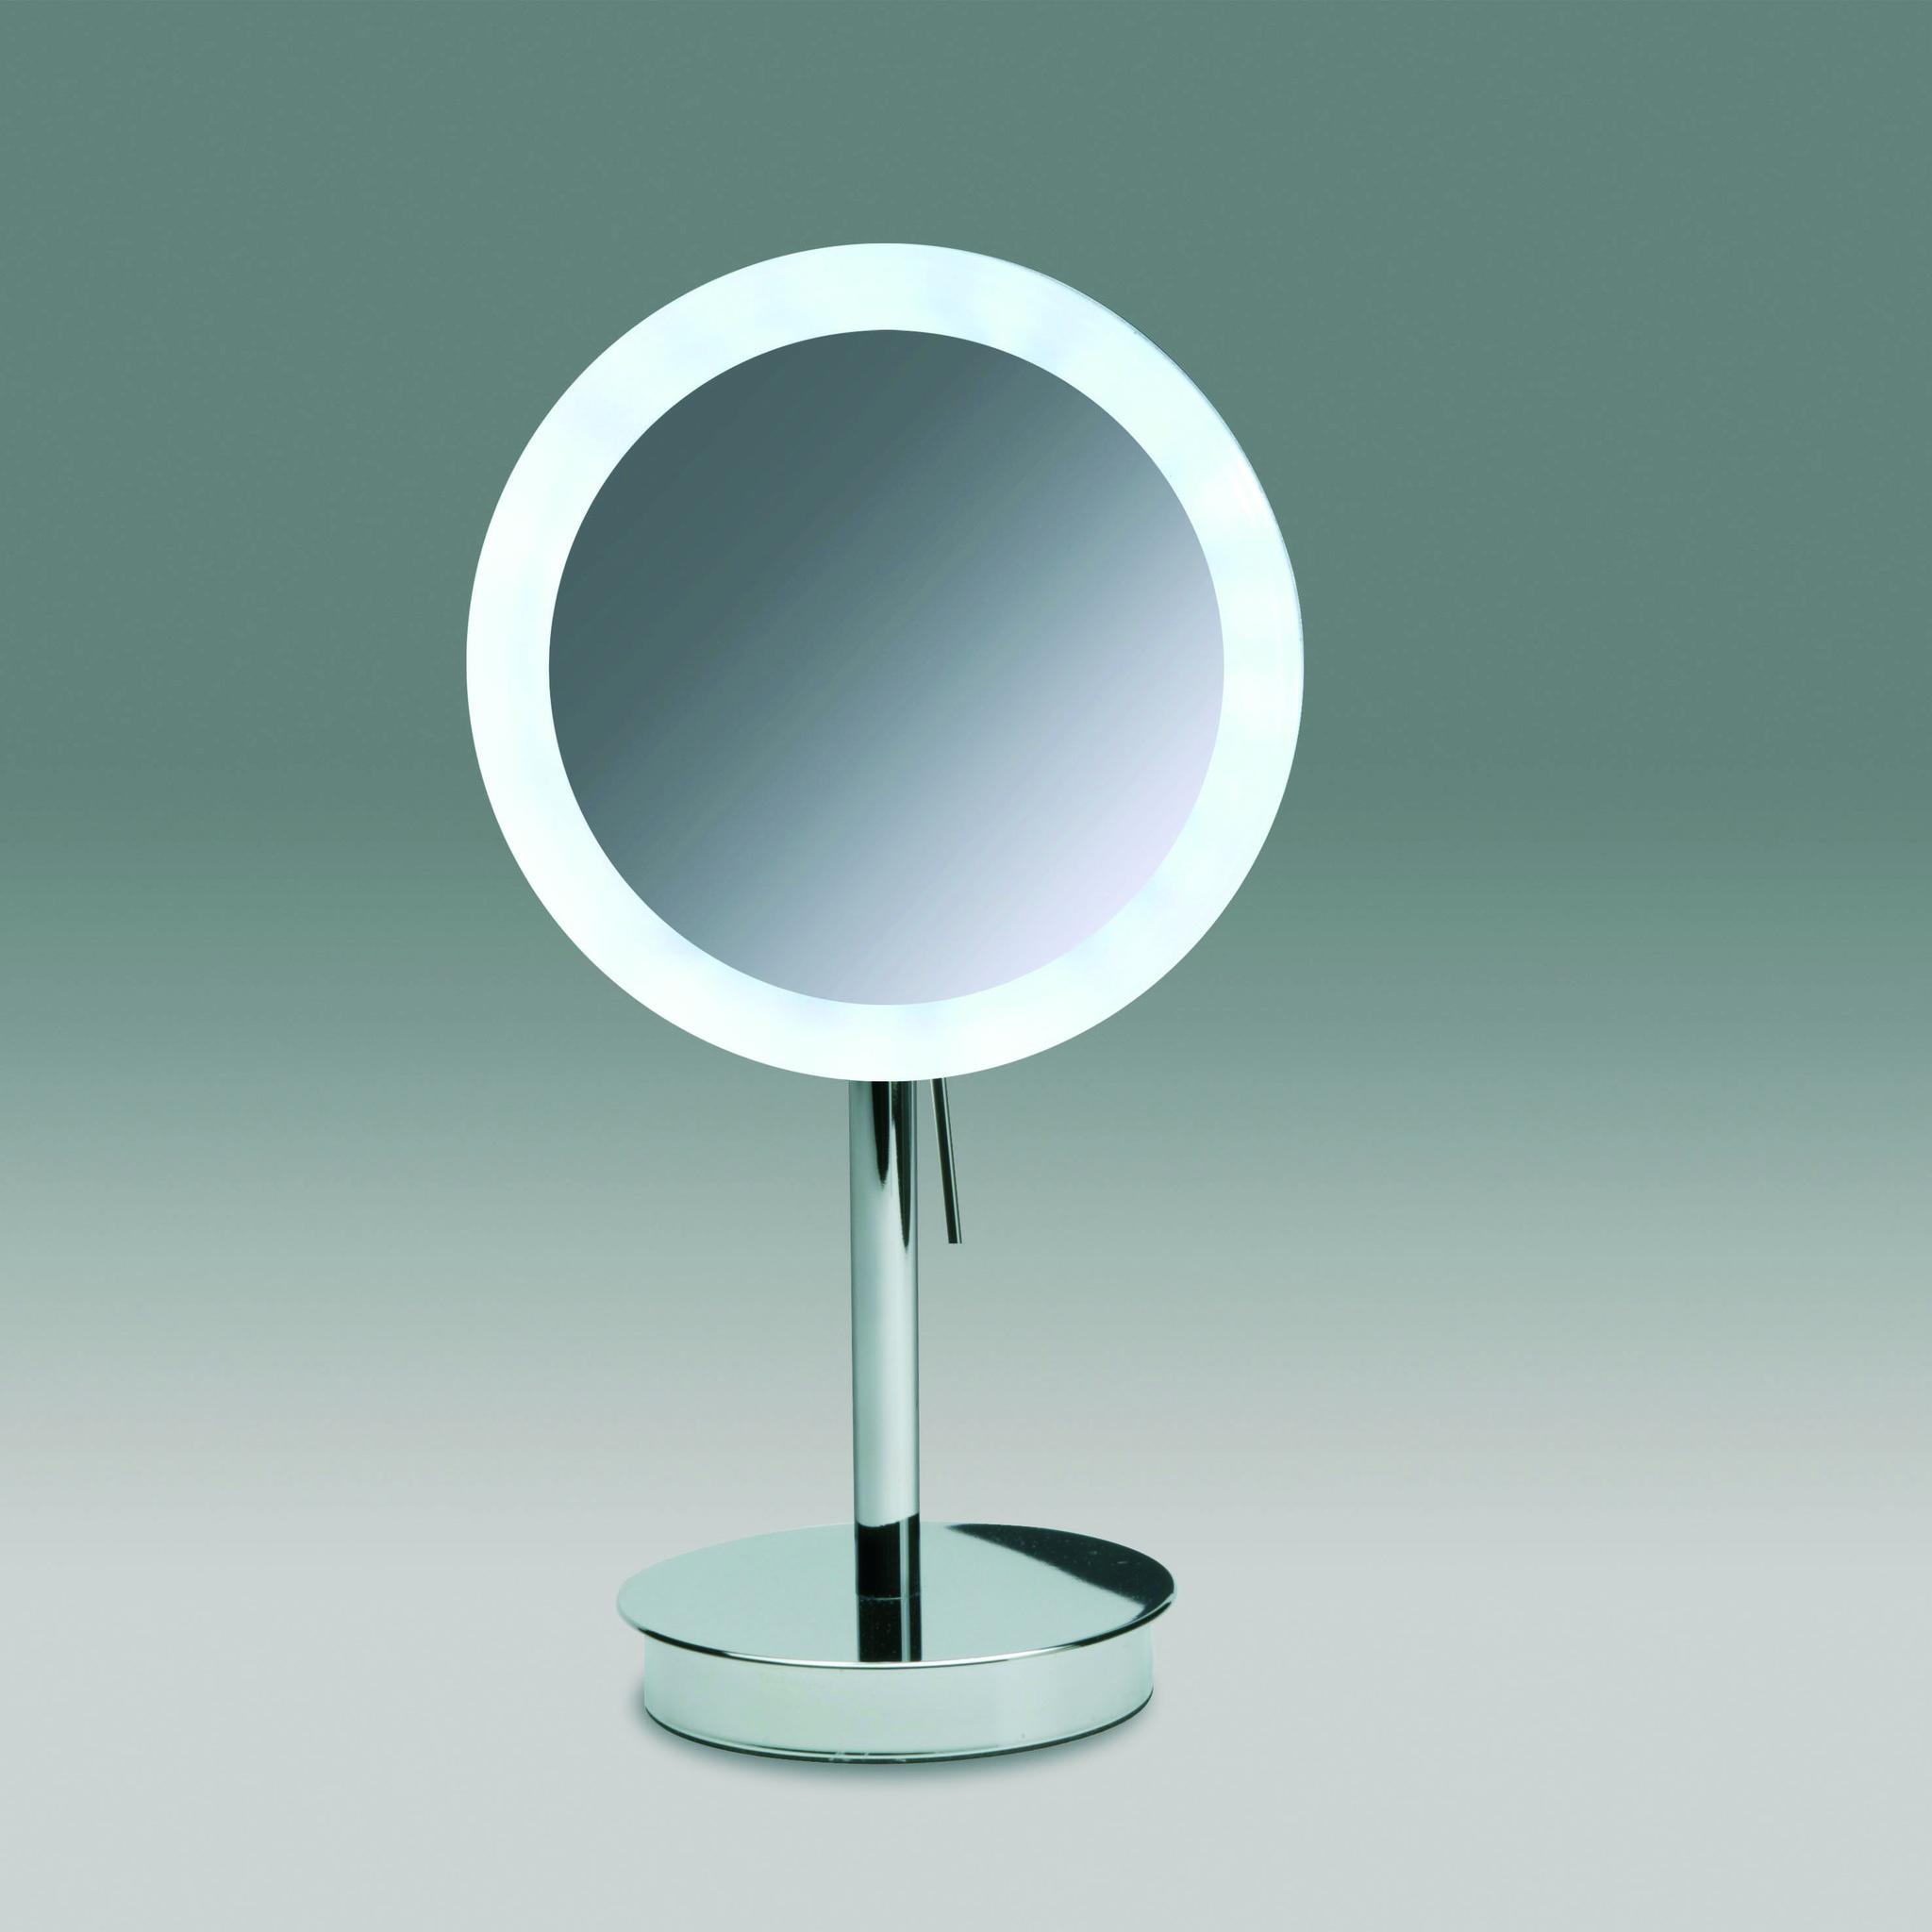 Элитное зеркало косметическое 99651CR 5X от Windisch